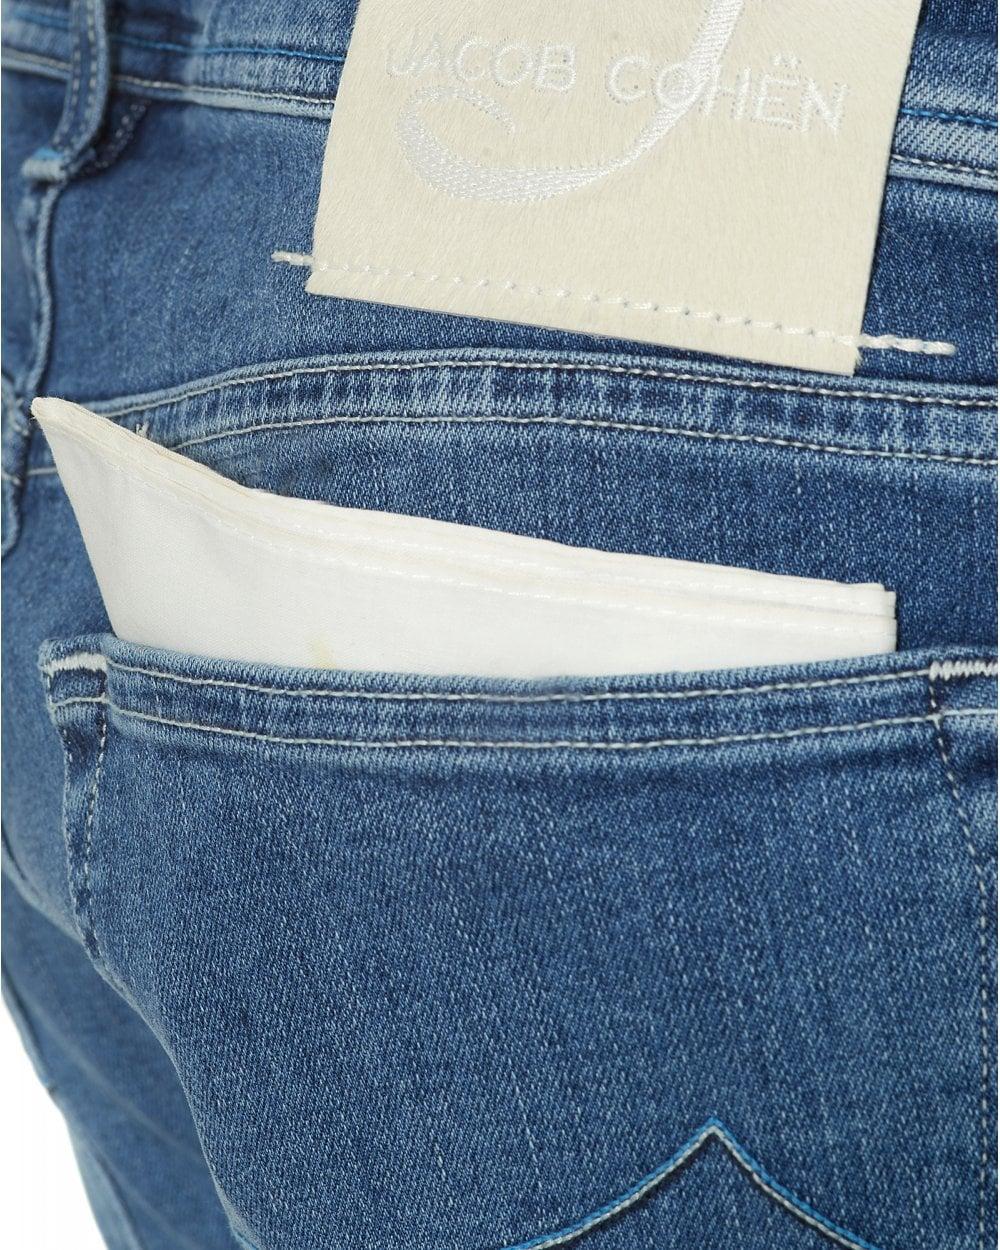 cde56fdca23311 Jacob Cohen Mens White Patch Jeans, Slim Fit Light Blue Wash Denim